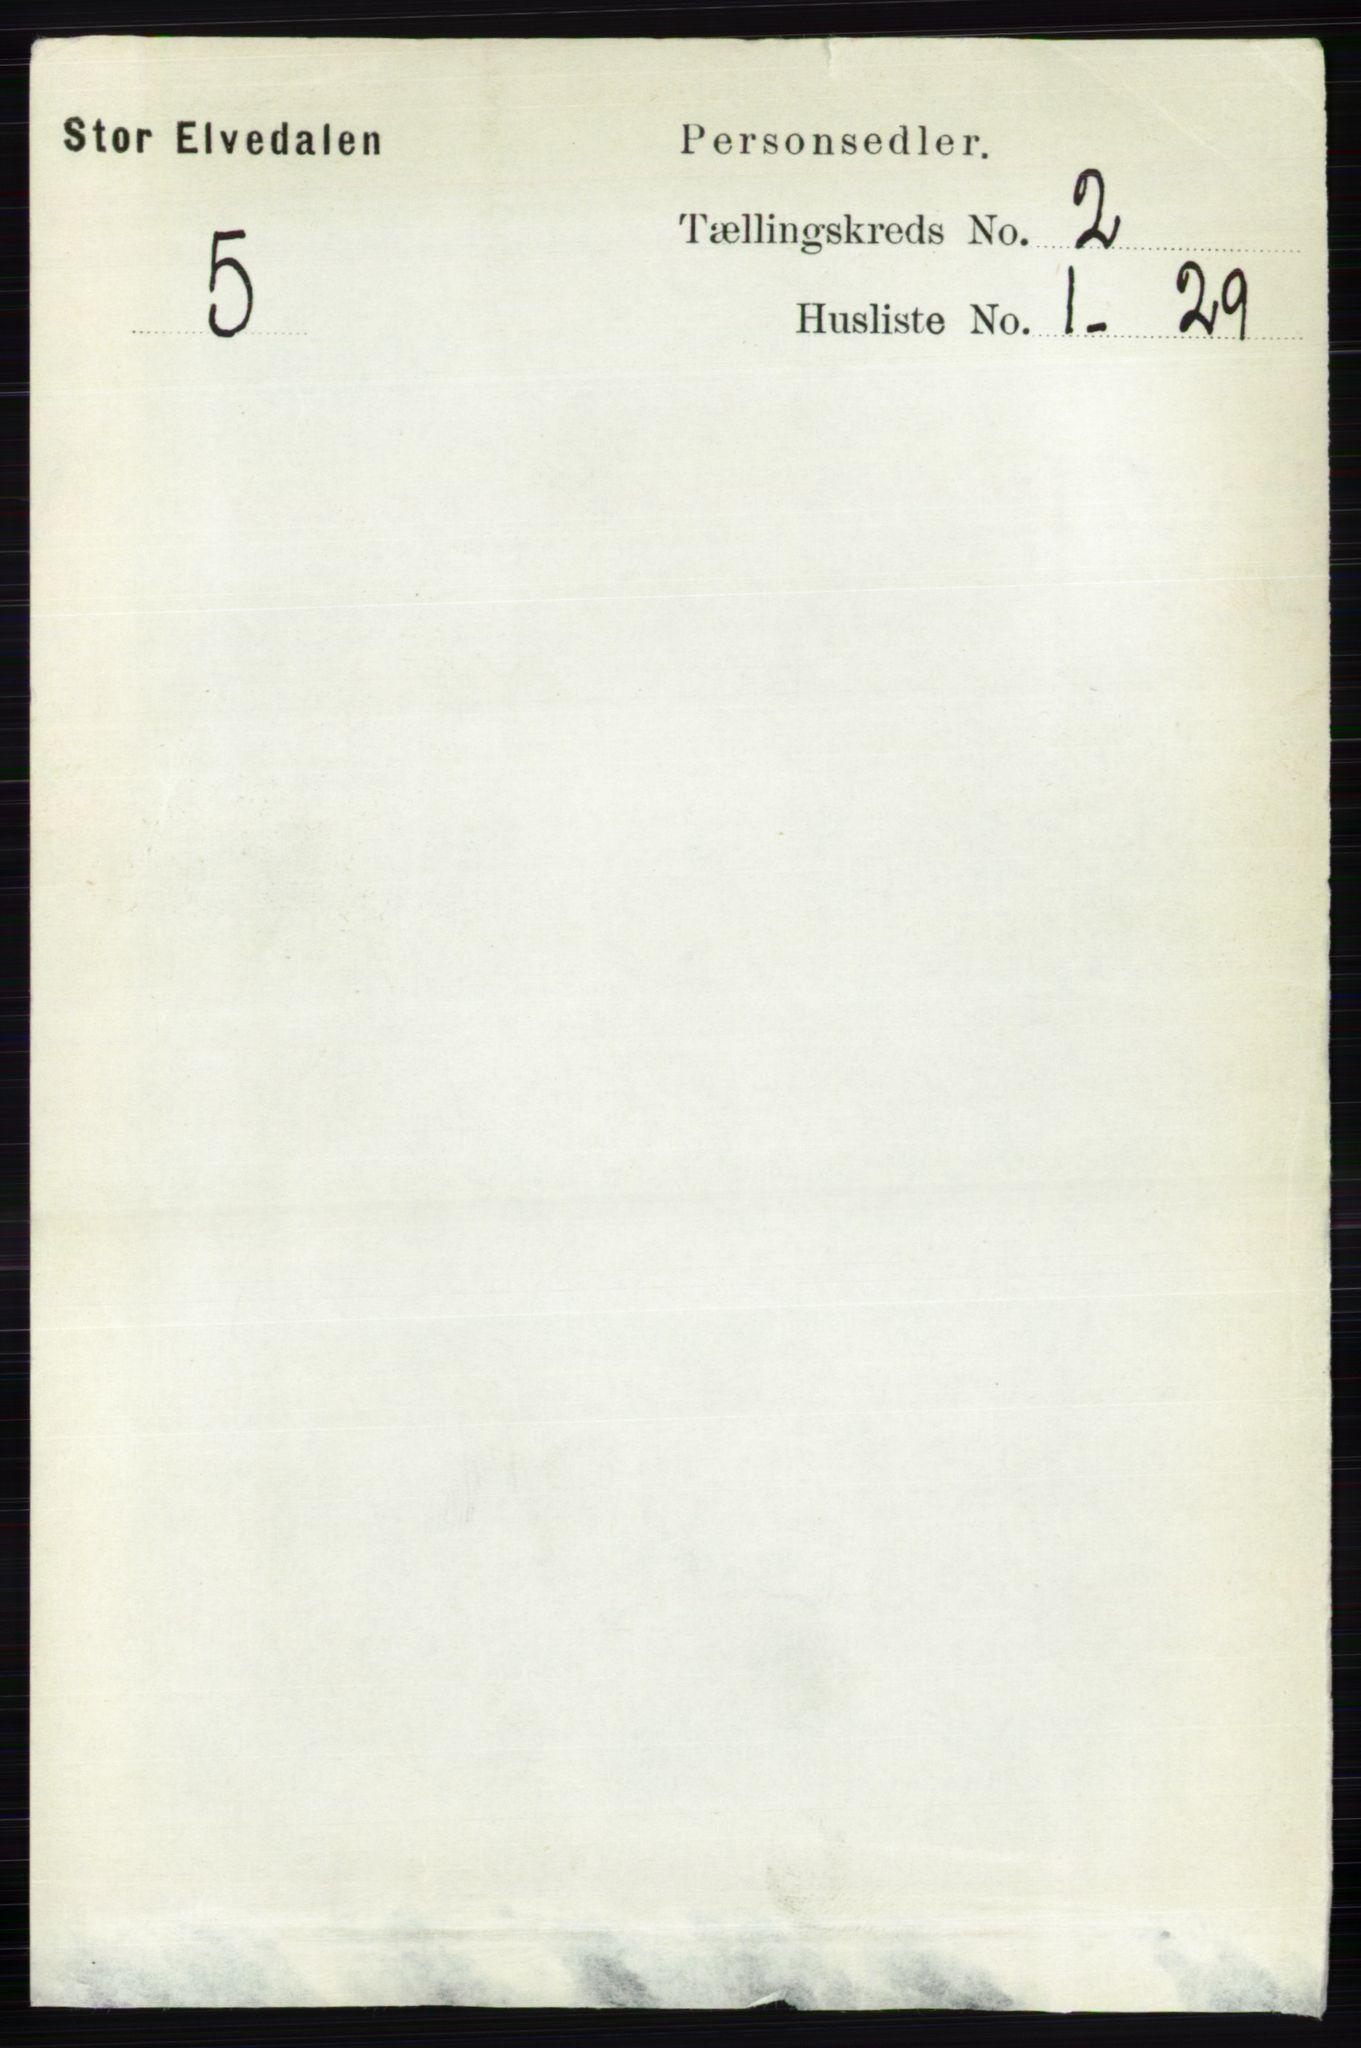 RA, Folketelling 1891 for 0430 Stor-Elvdal herred, 1891, s. 384